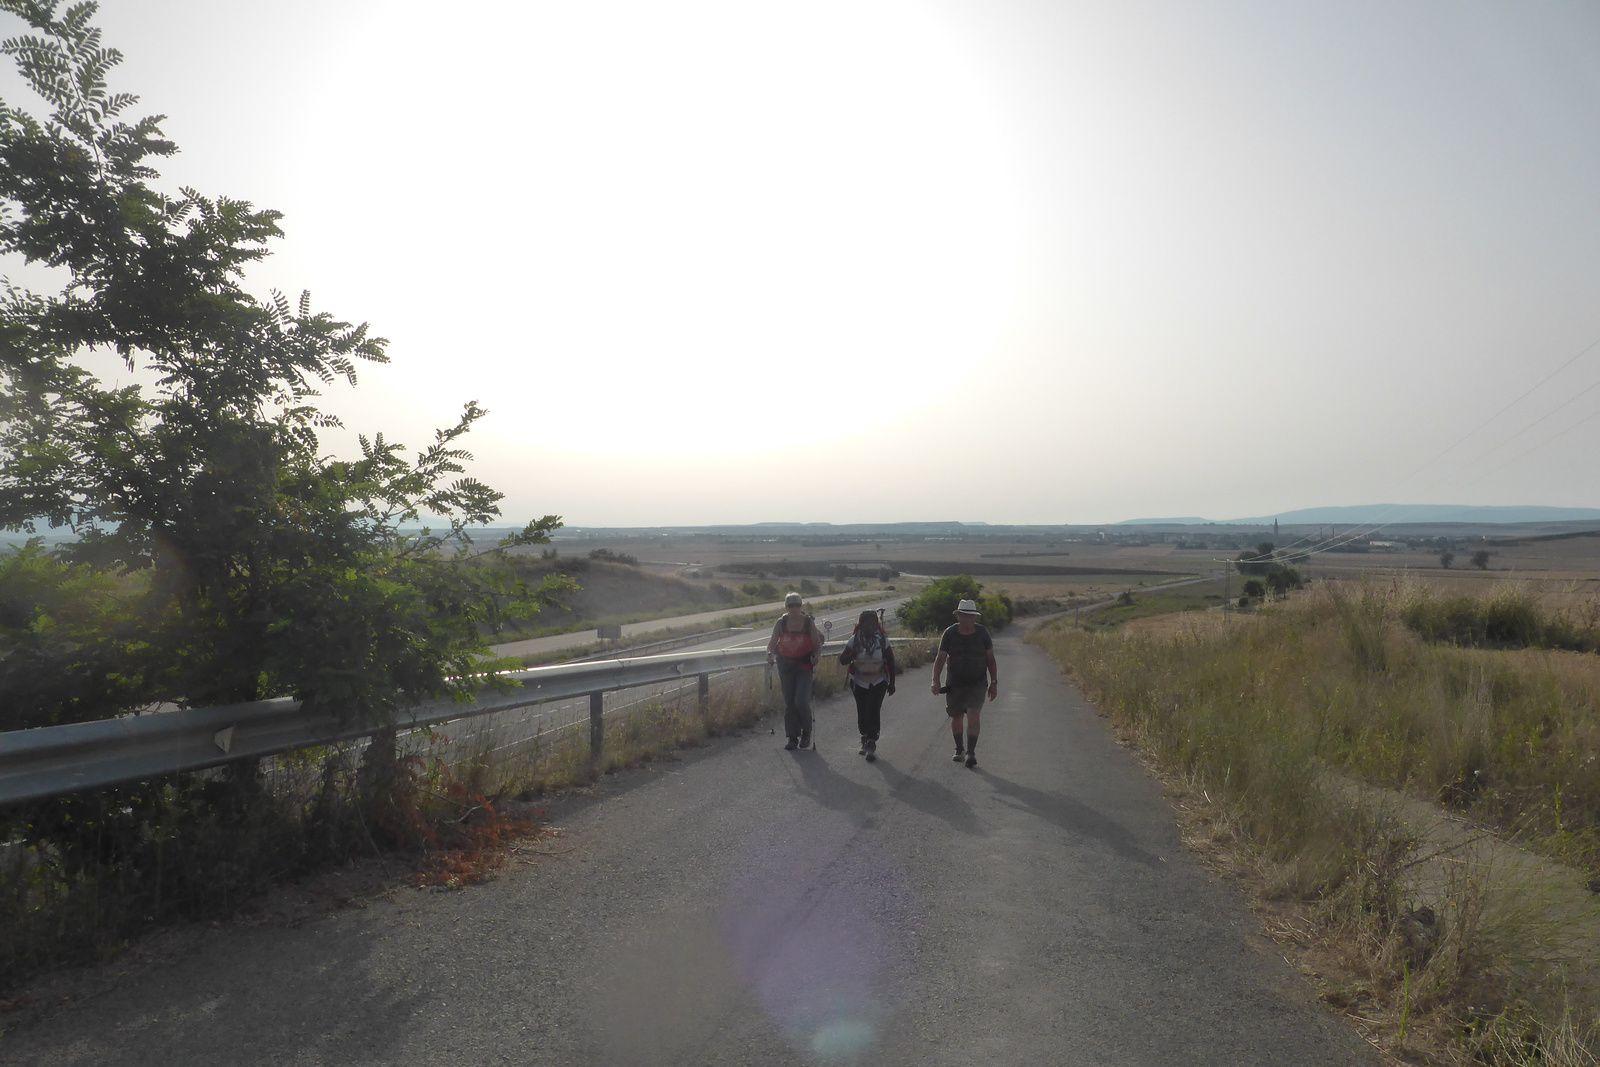 Nouvelle journée qui nous ménera dans un premier temps vers Granon. Nous rencontrons un peu plus de monde sur le chemin.